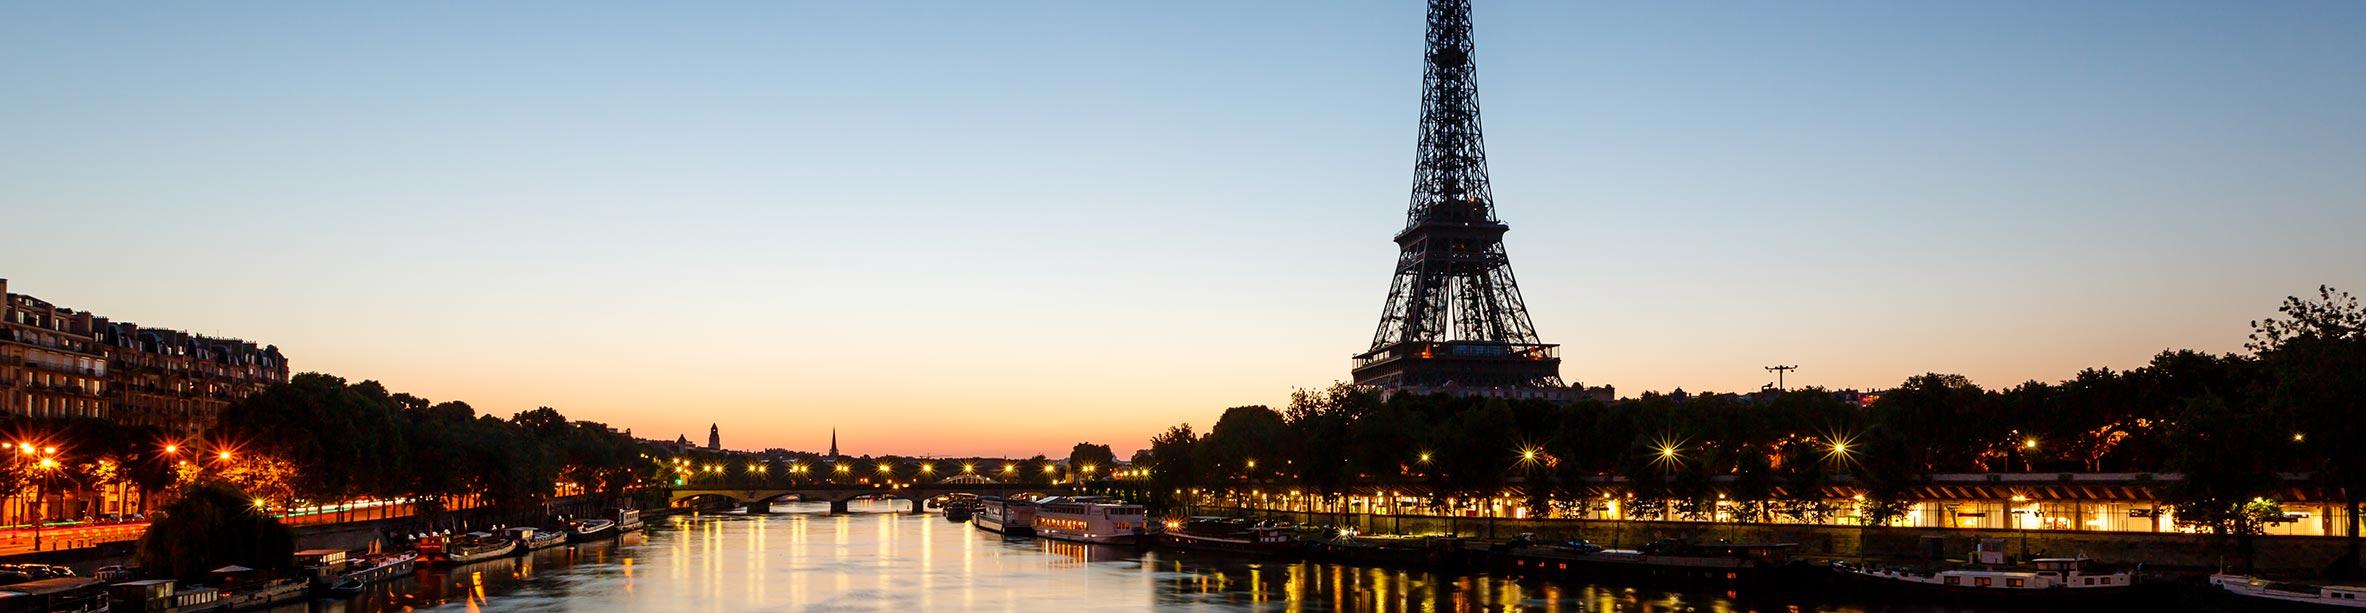 Viaggio Parigi - Tour e Vacanza Parigi | Boscolo